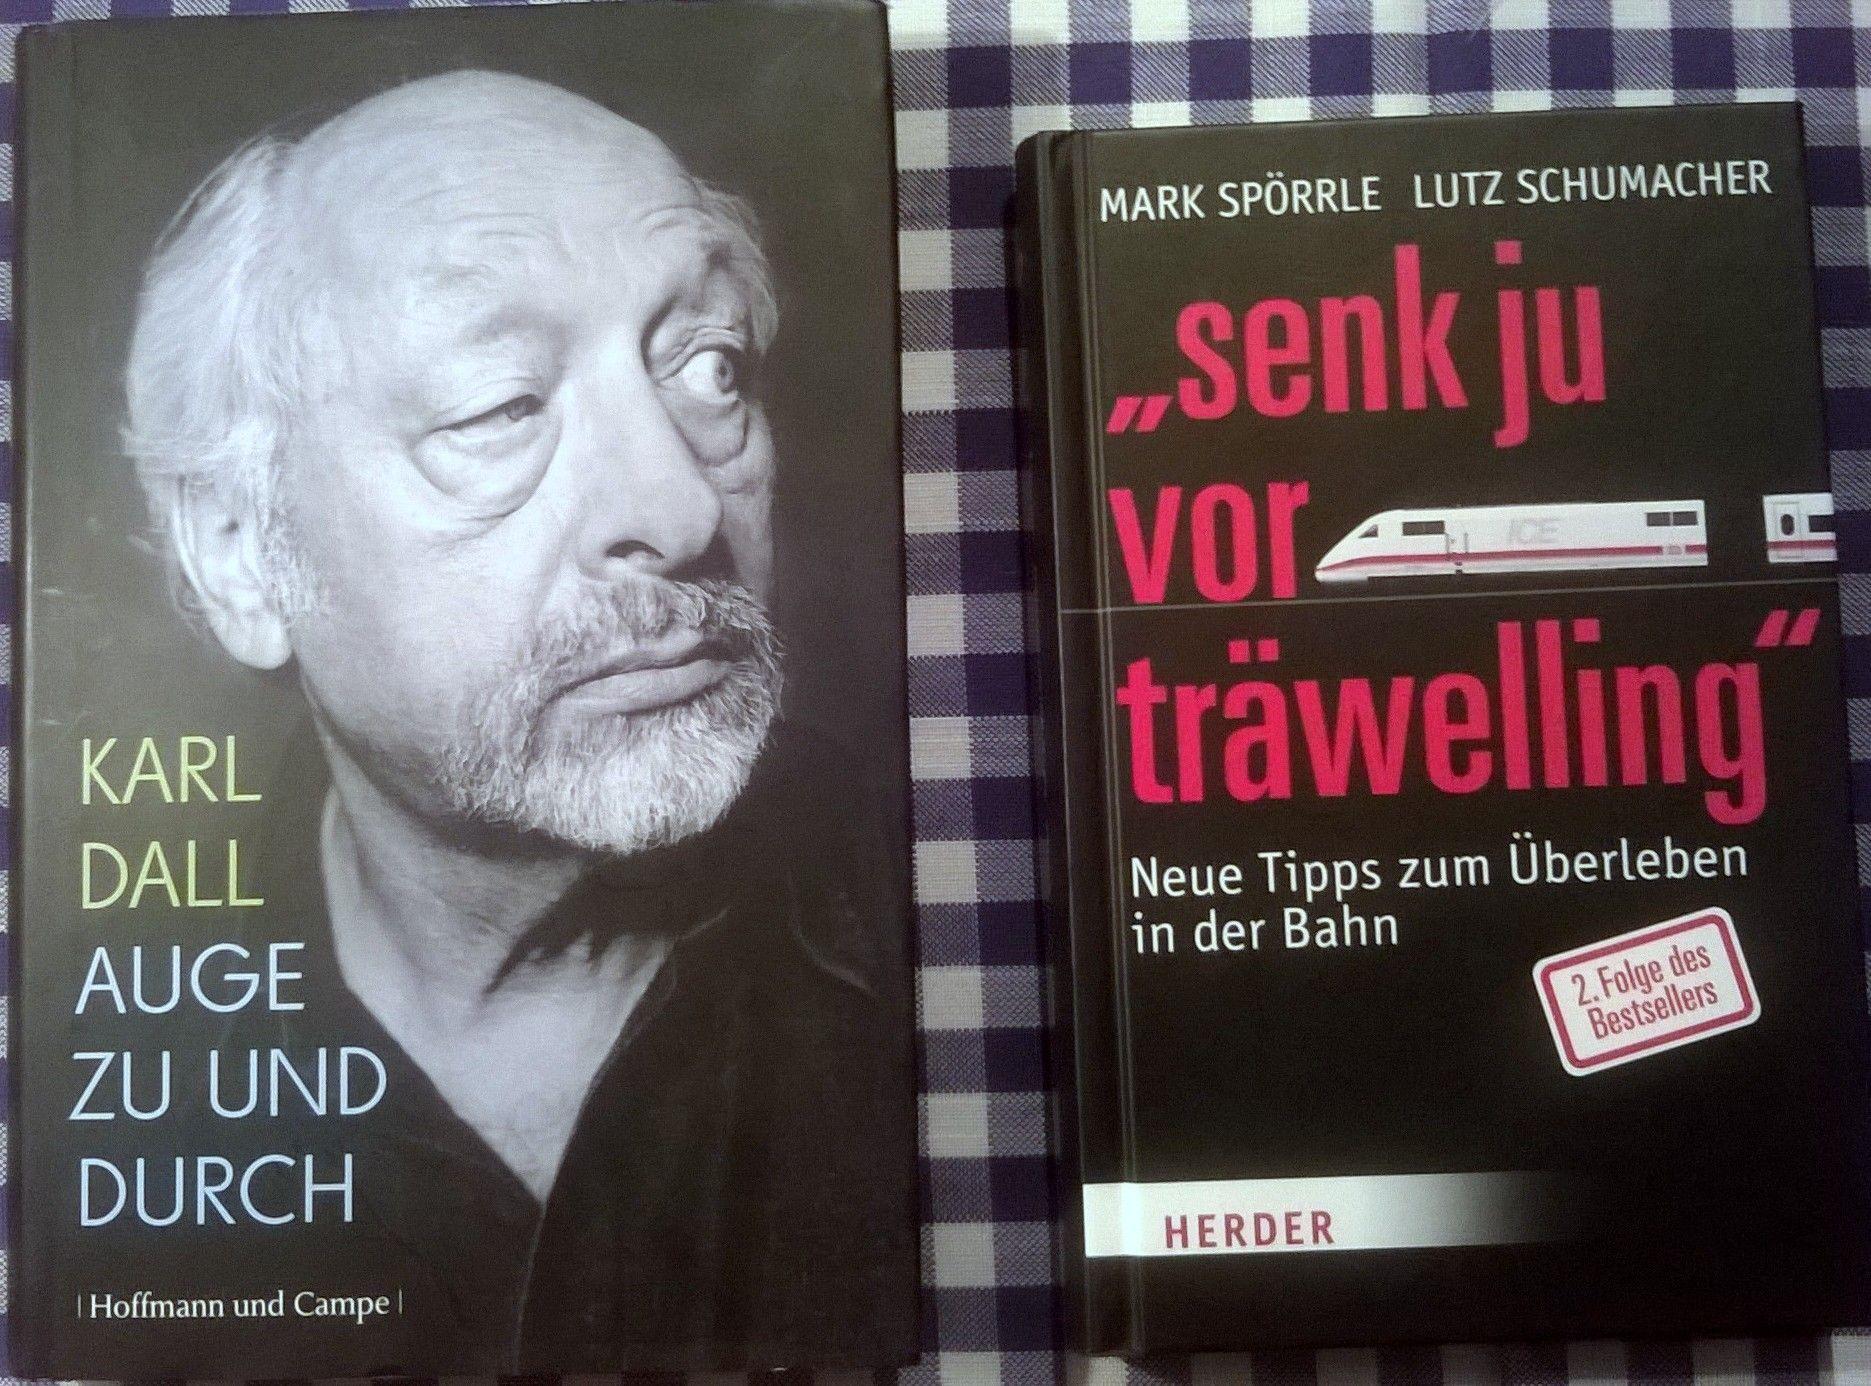 Zum Kugeln: Karl Dalls Autobiographie. Und ein Buch über Erlebnisse bei Fahrten mit der DB